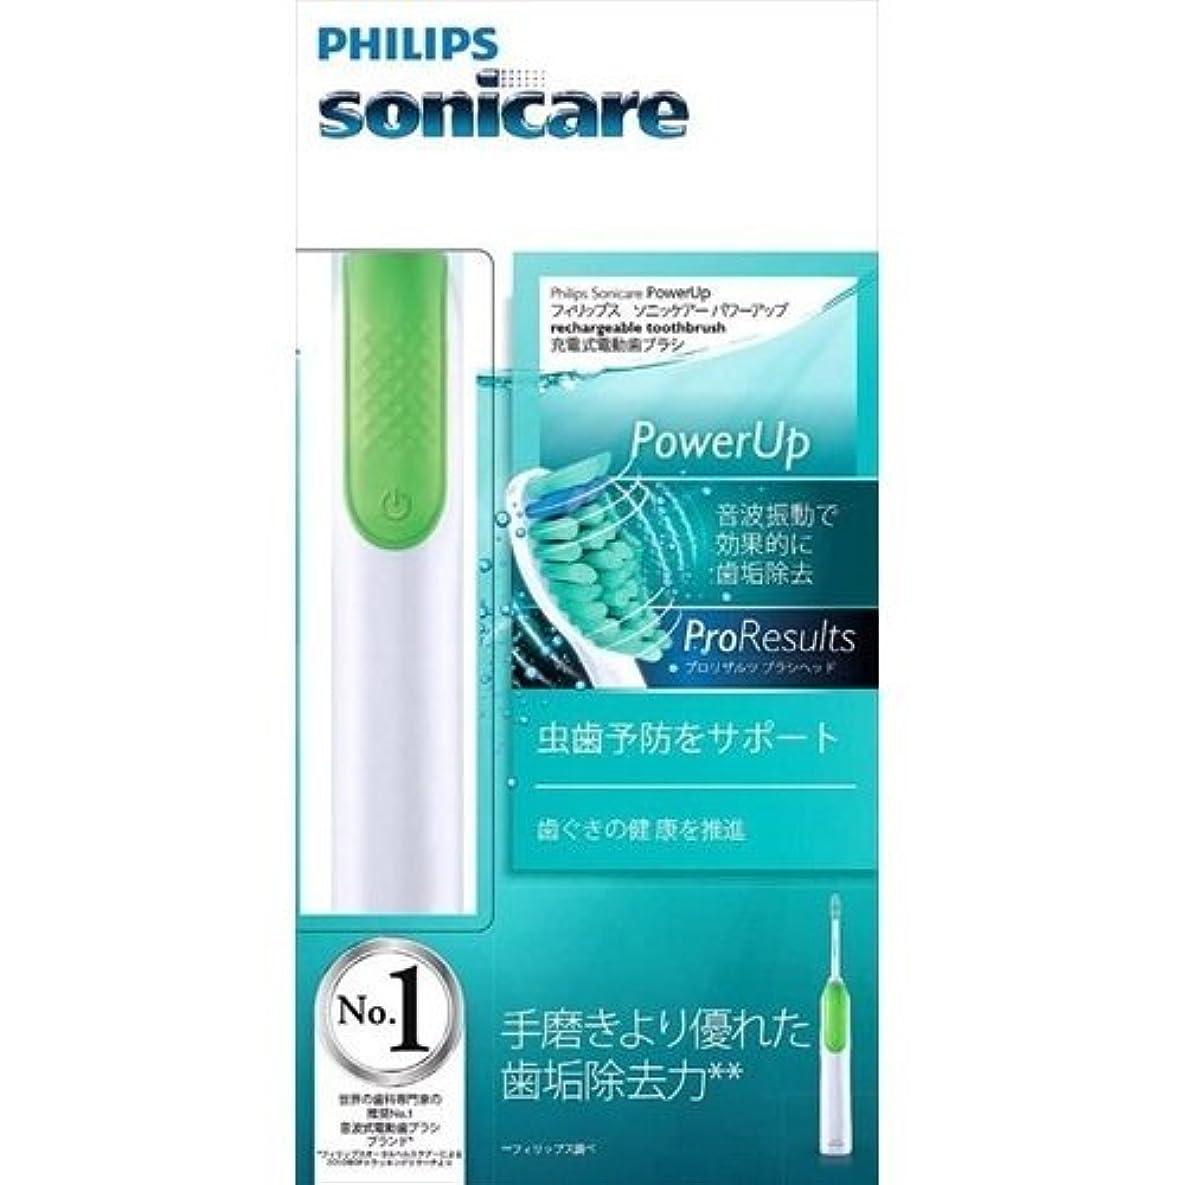 トリップイブニング誠意PHILIPS Sonicare(ソニッケアー)パワーアップ音波式電動歯ブラシ HX3110